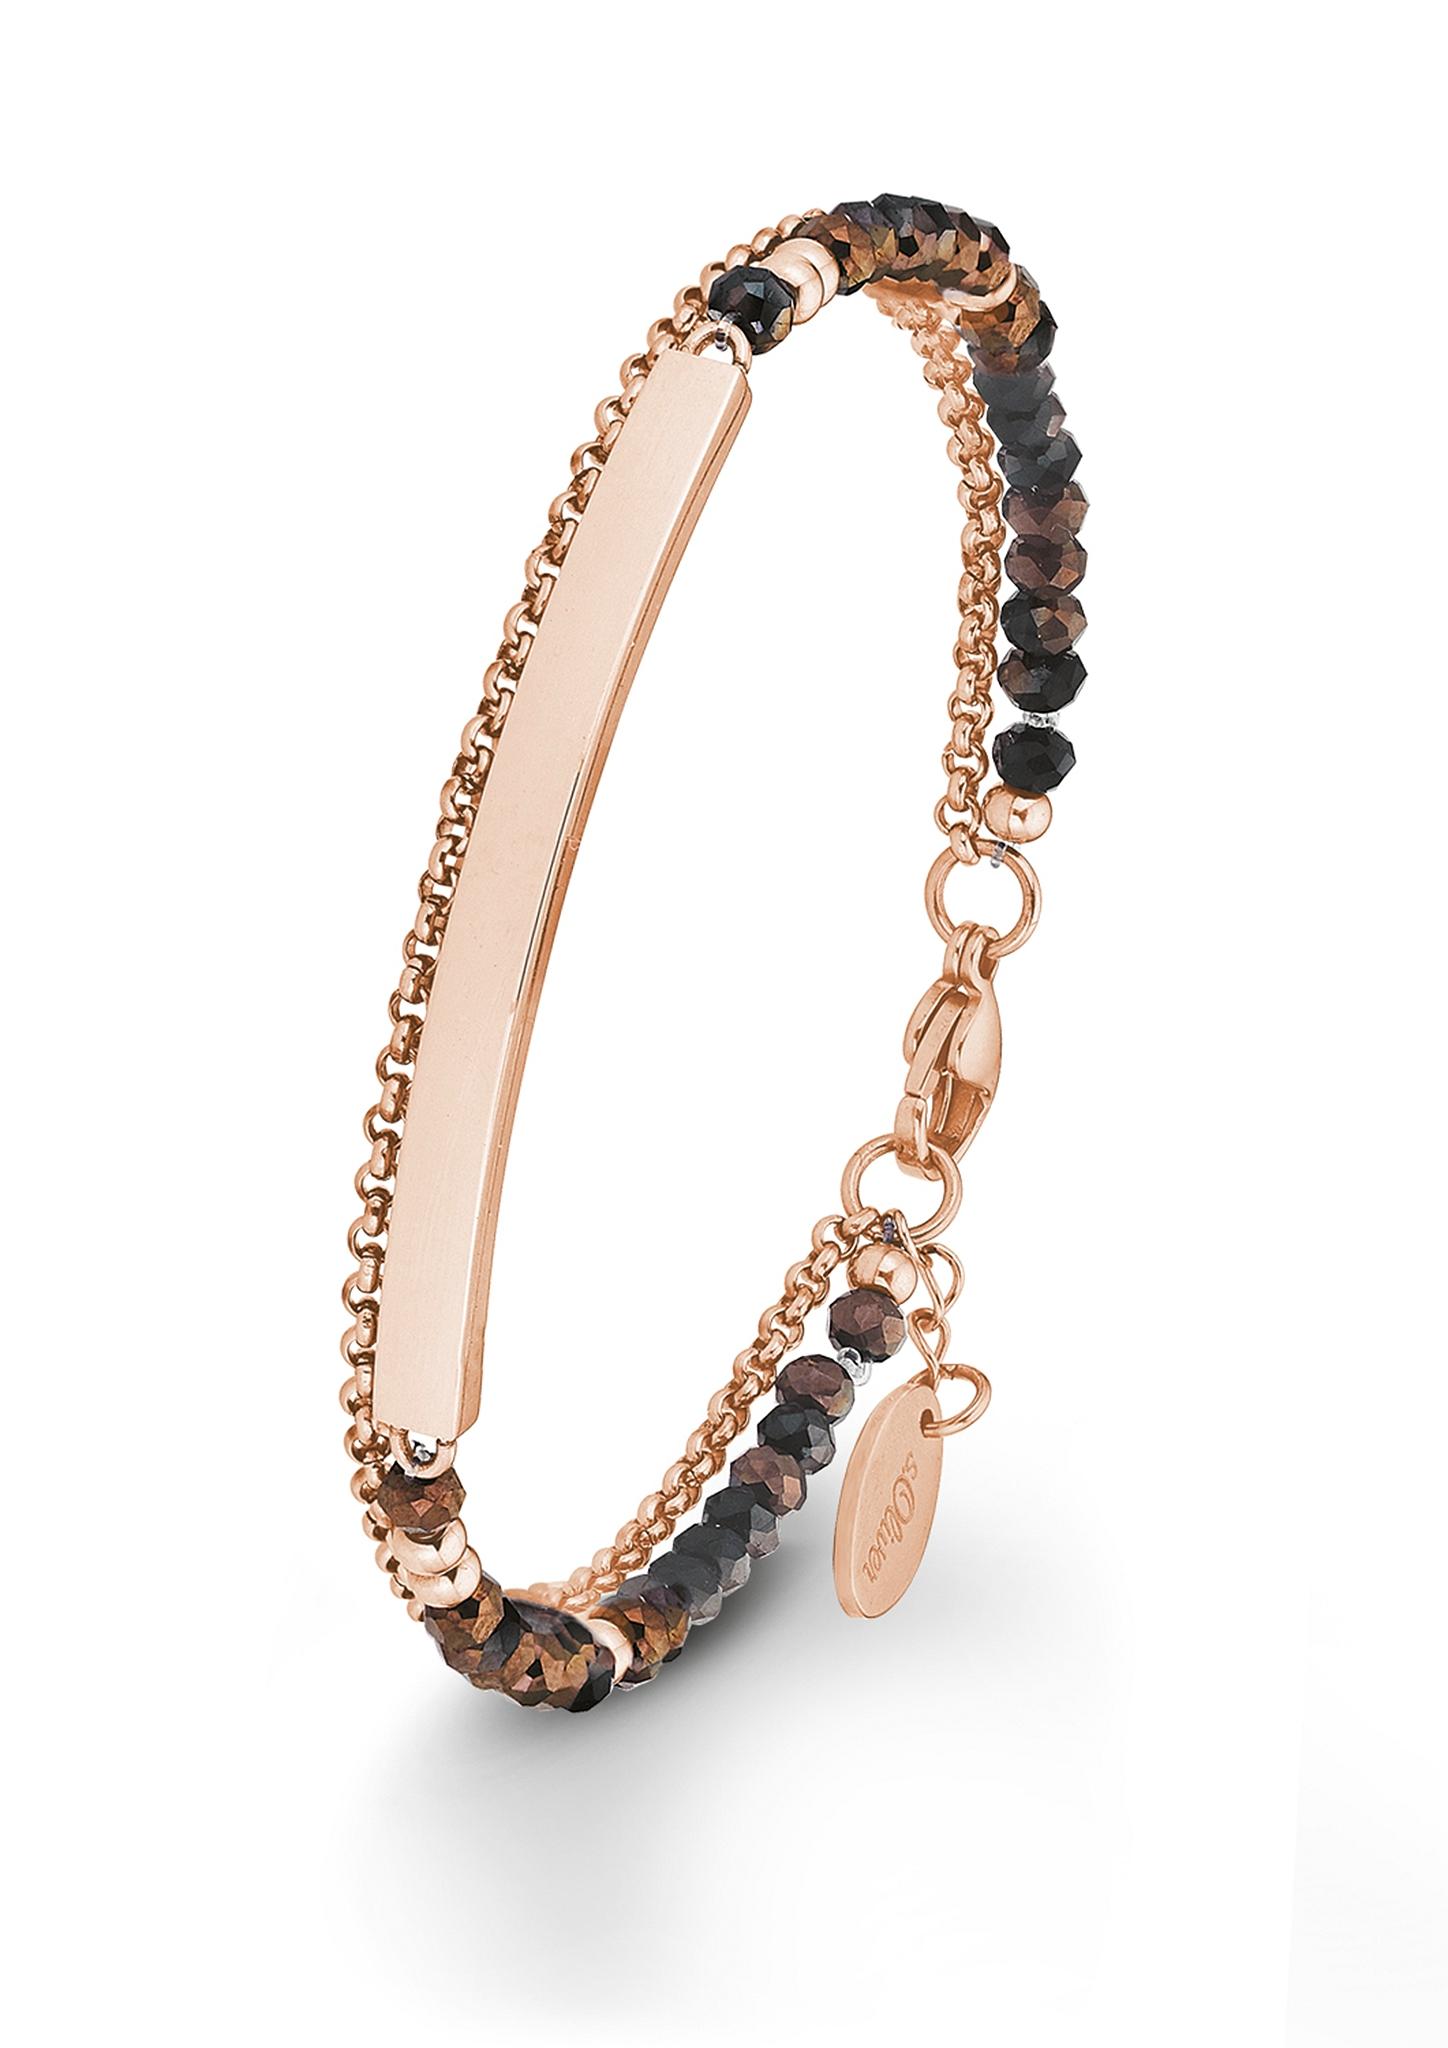 Armband   Schmuck > Armbänder > Sonstige Armbänder   Pink   Edelstahl  glasbeads   s.Oliver